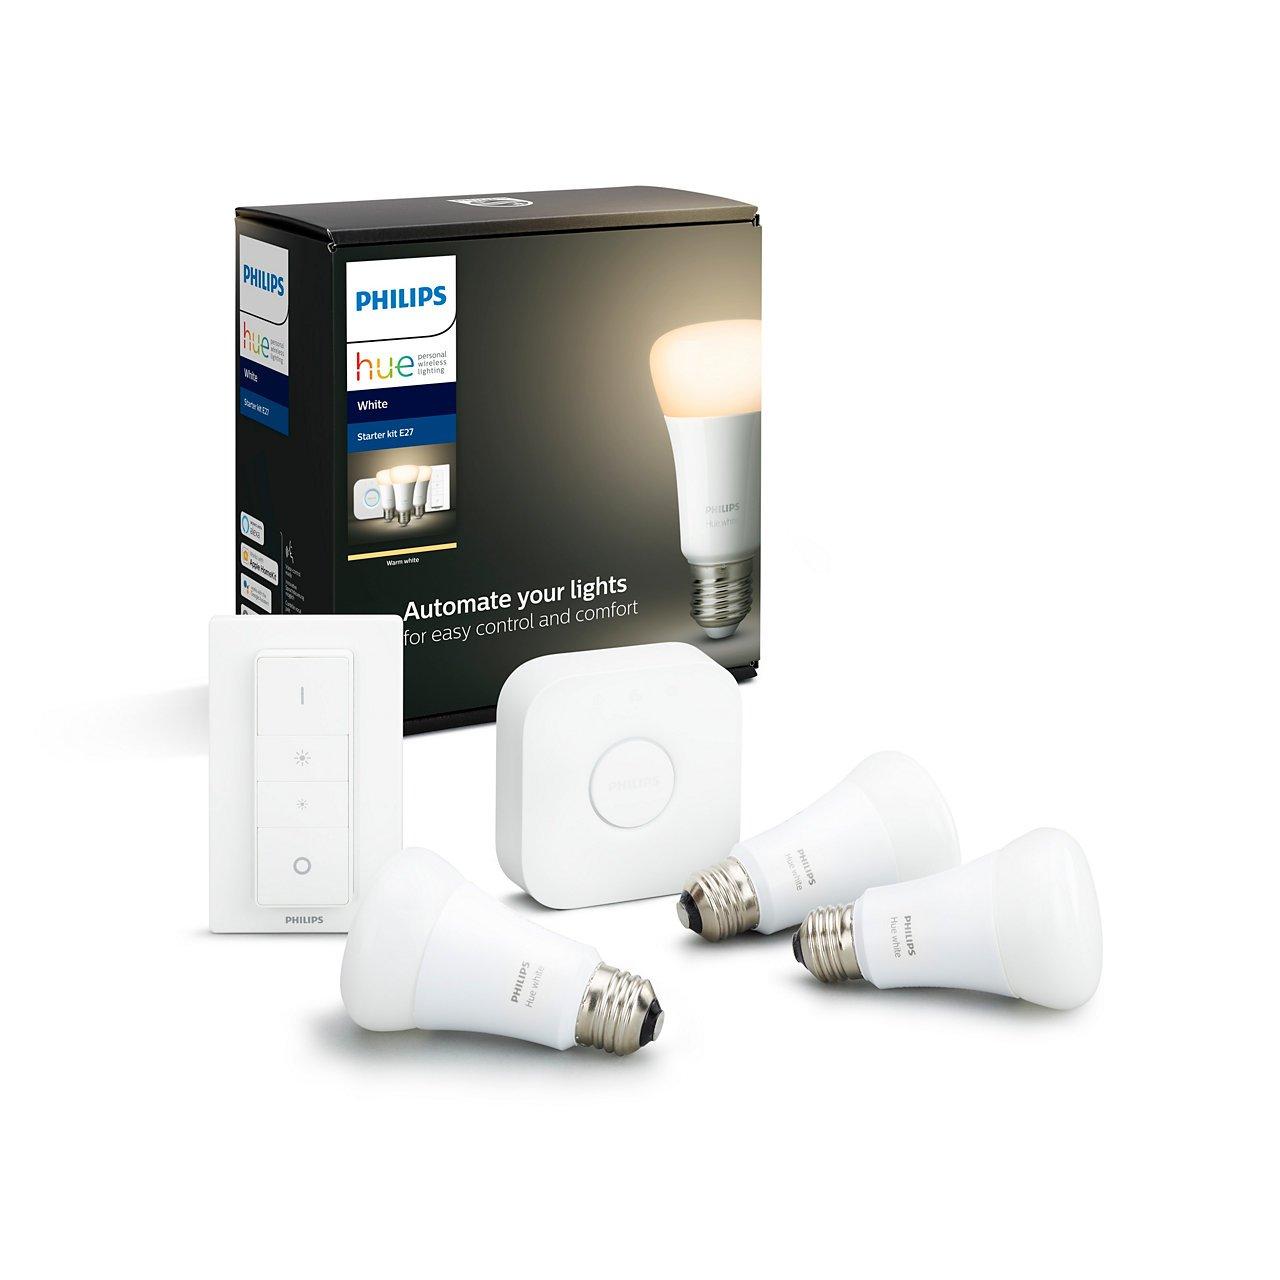 Philips Hue - 3XE27 Starter Kit - White - Bluetooth